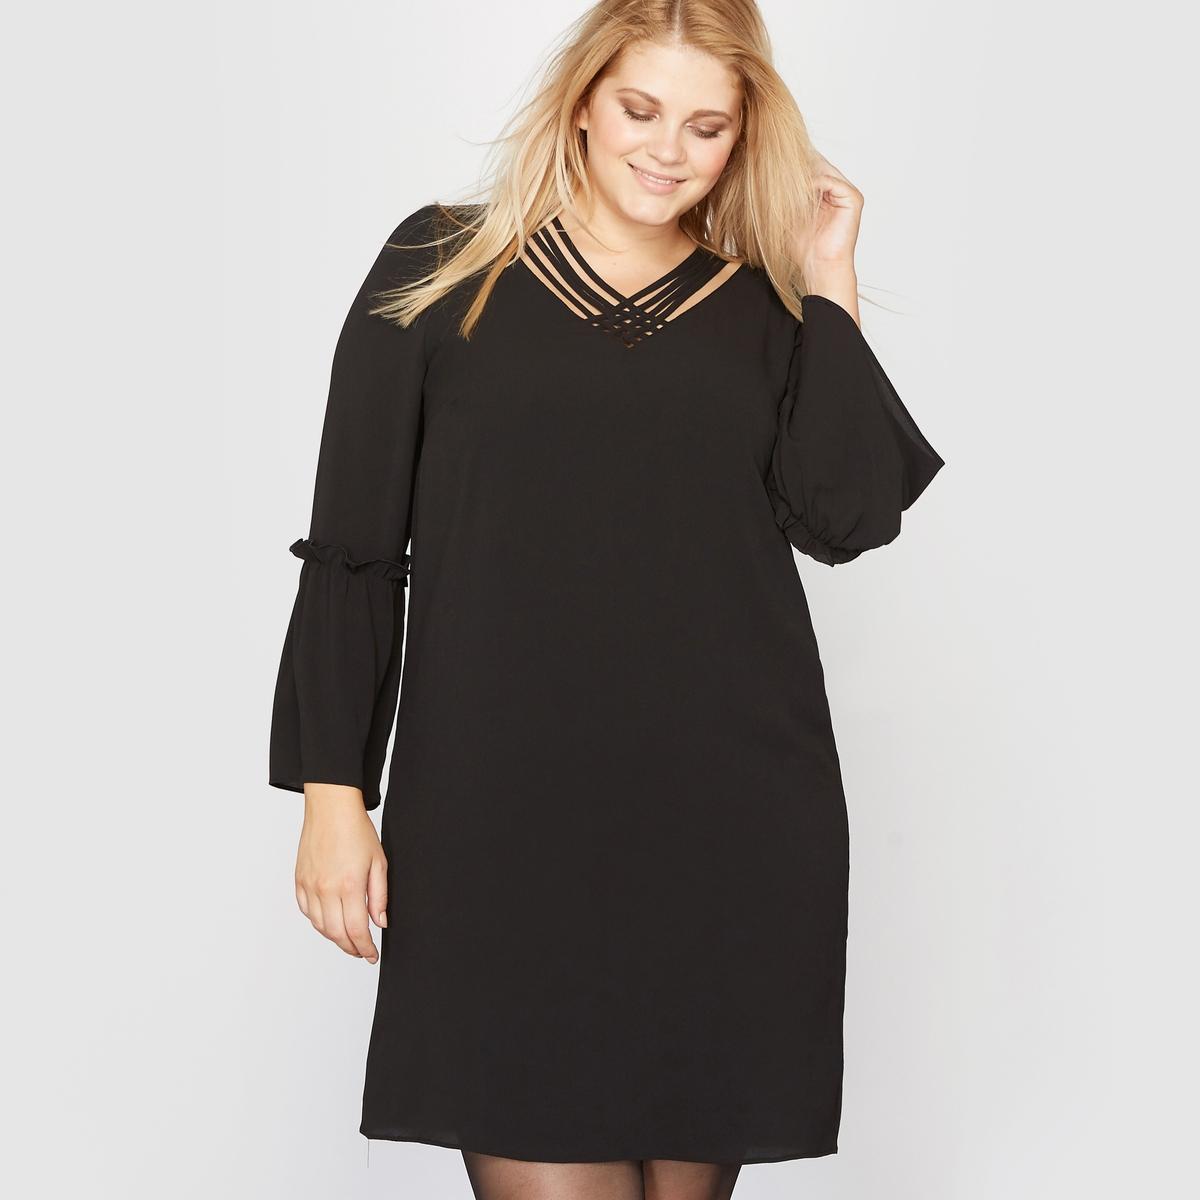 Платье с рукавами пагодаСостав и описание :Материал : Креп 96 % полиэстера, 4 % эластана .Подкладка 100% полиэстер.Длина : 98 см.Марка : CASTALUNA.Уход : Машинная стирка при 30 °С.<br><br>Цвет: черный